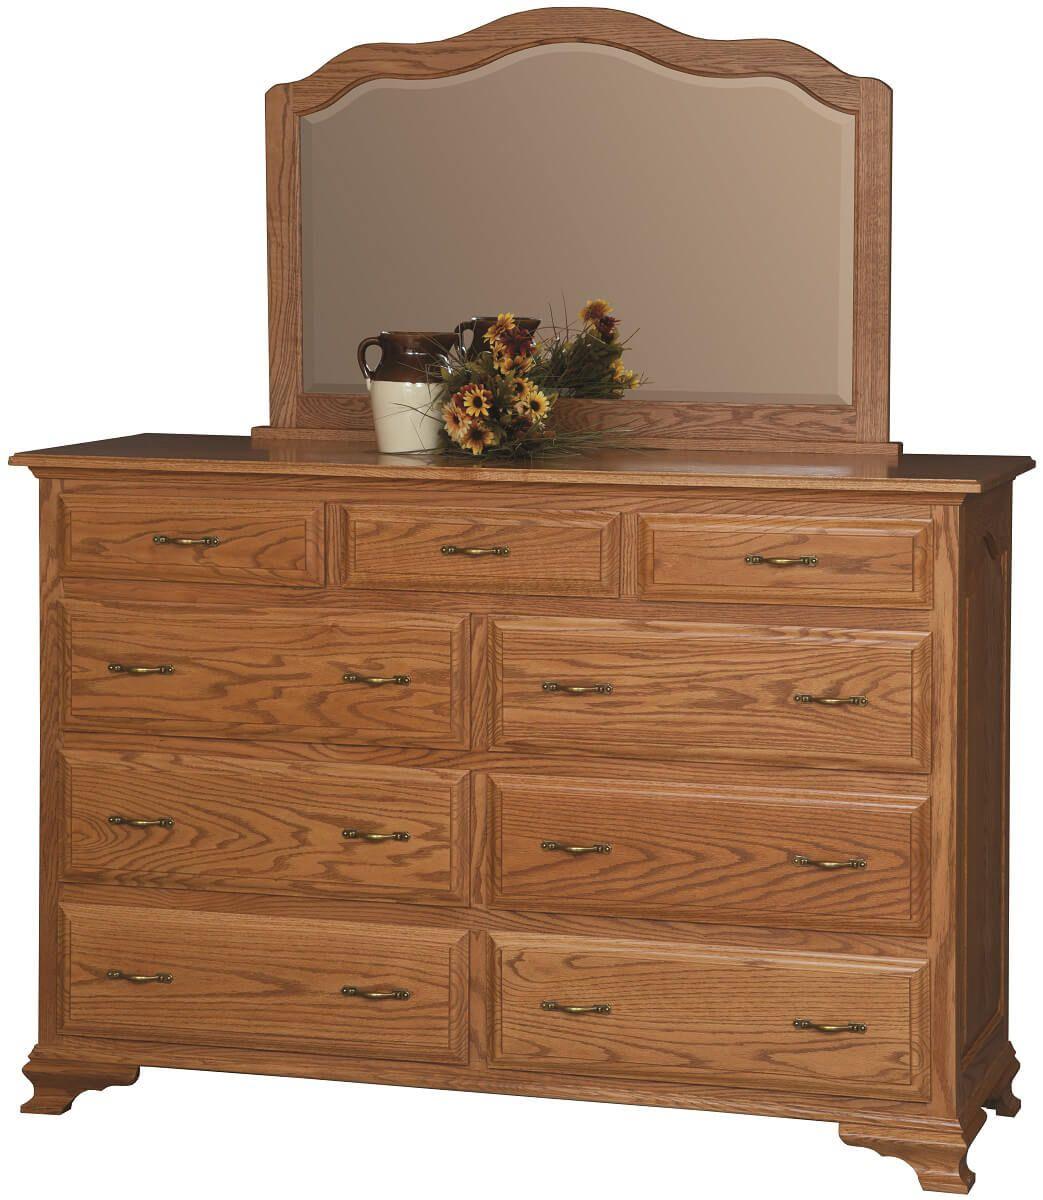 Josephine Grand Dresser